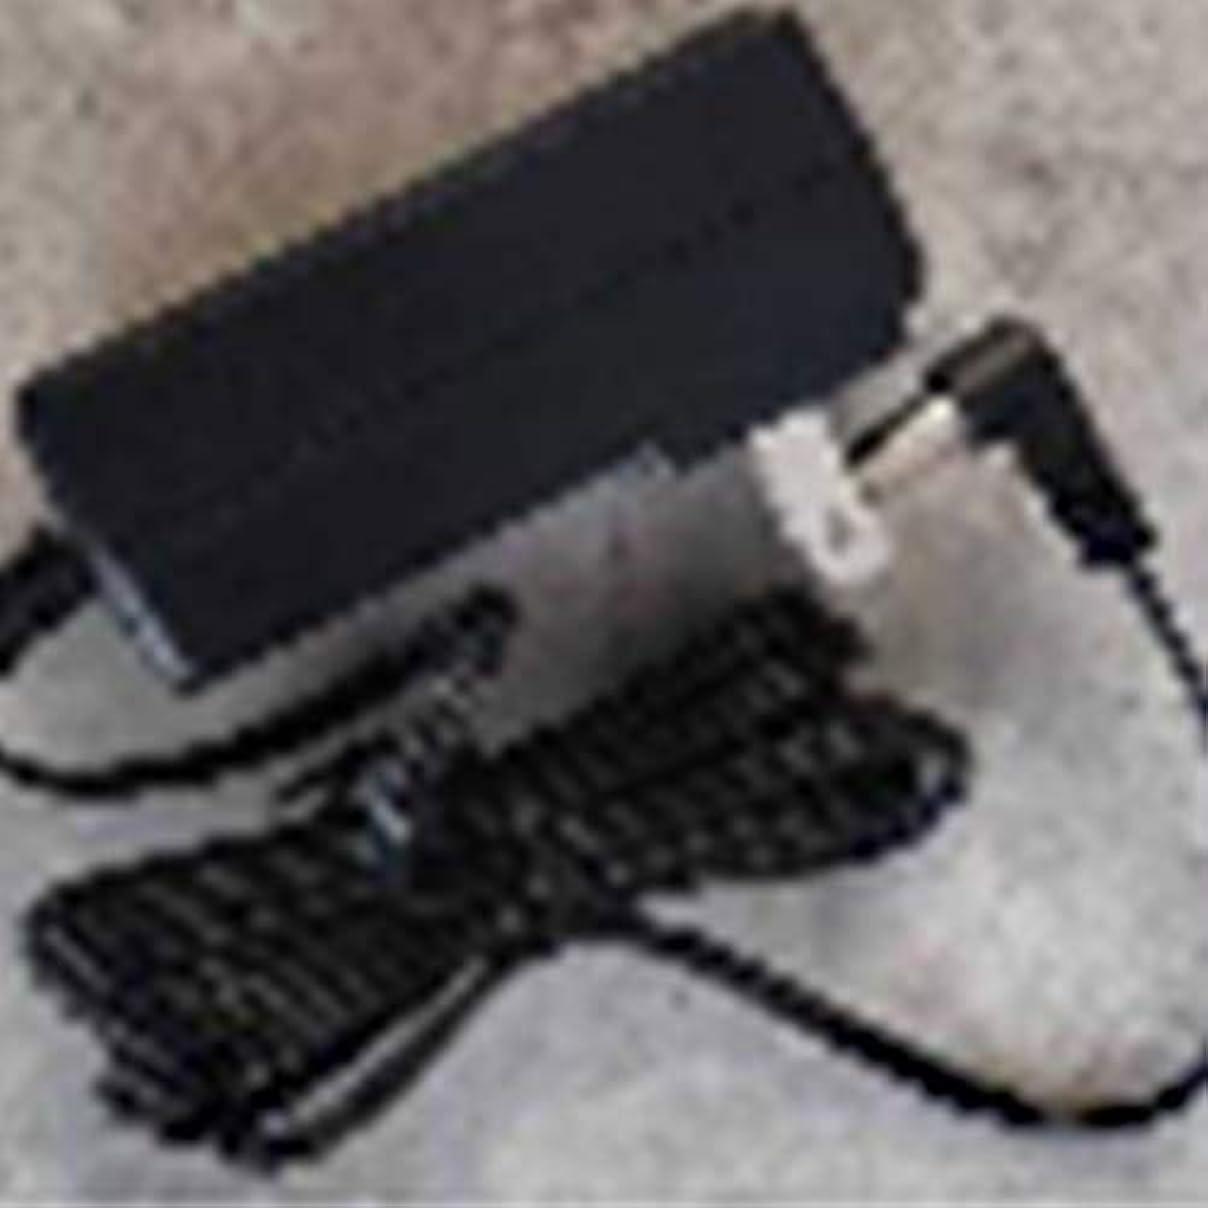 ロボットヒステリック本会議ギーモ 掃除機 コードレス K14 専用アダプタ